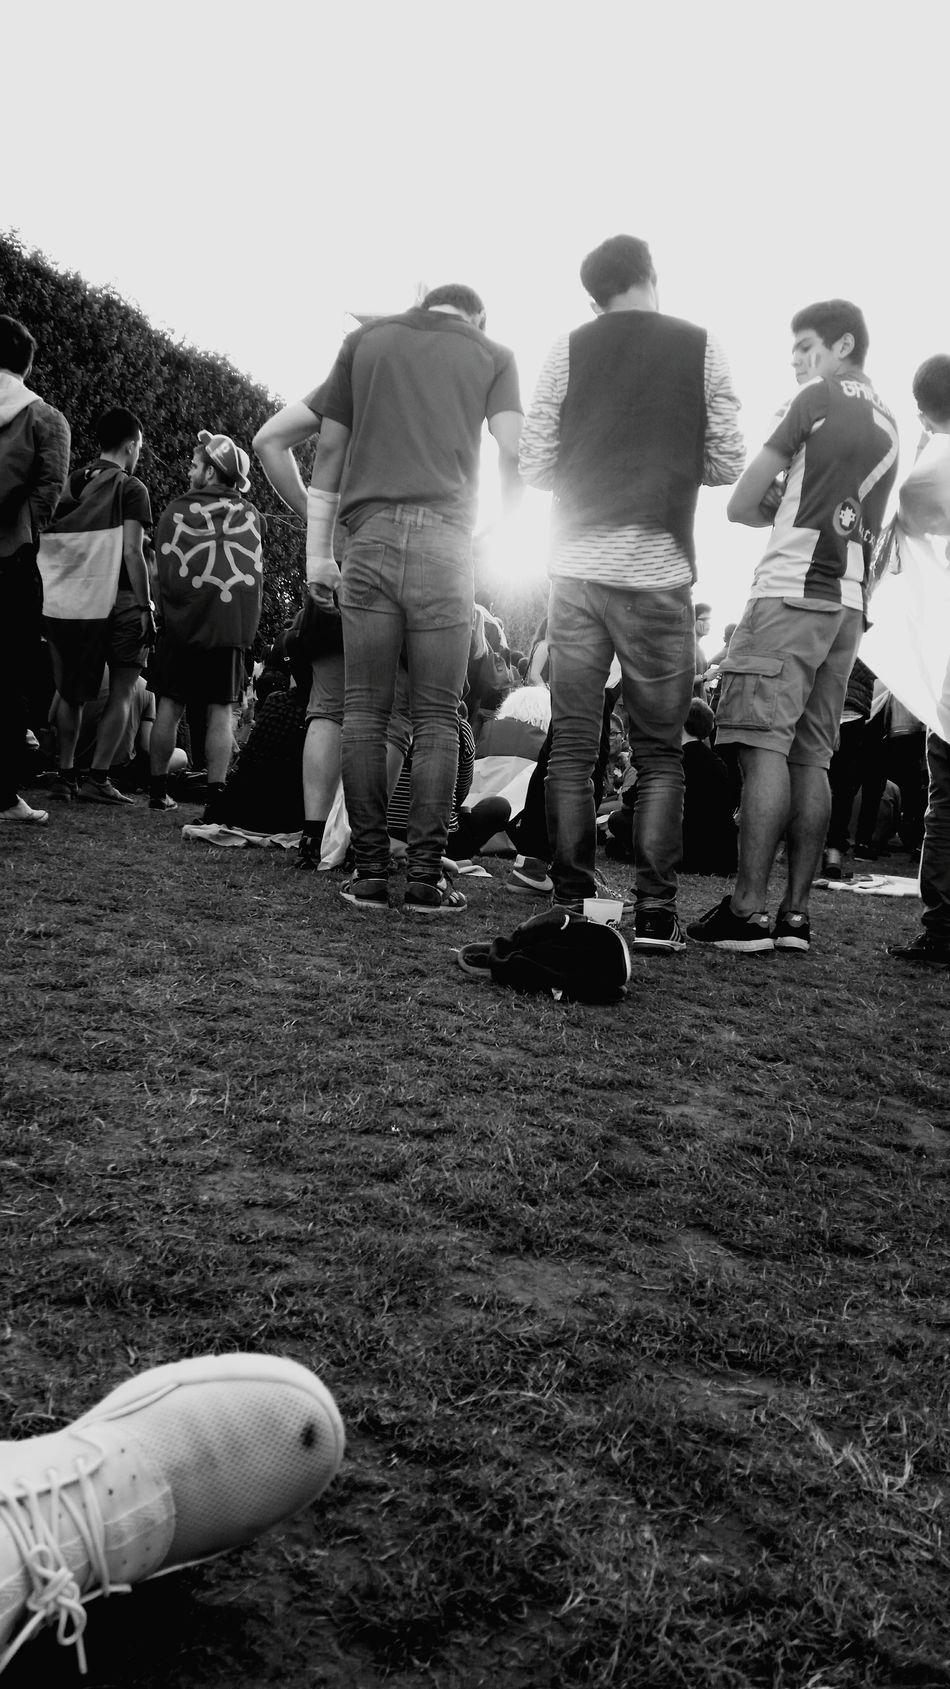 Festival Season Enjoying Life